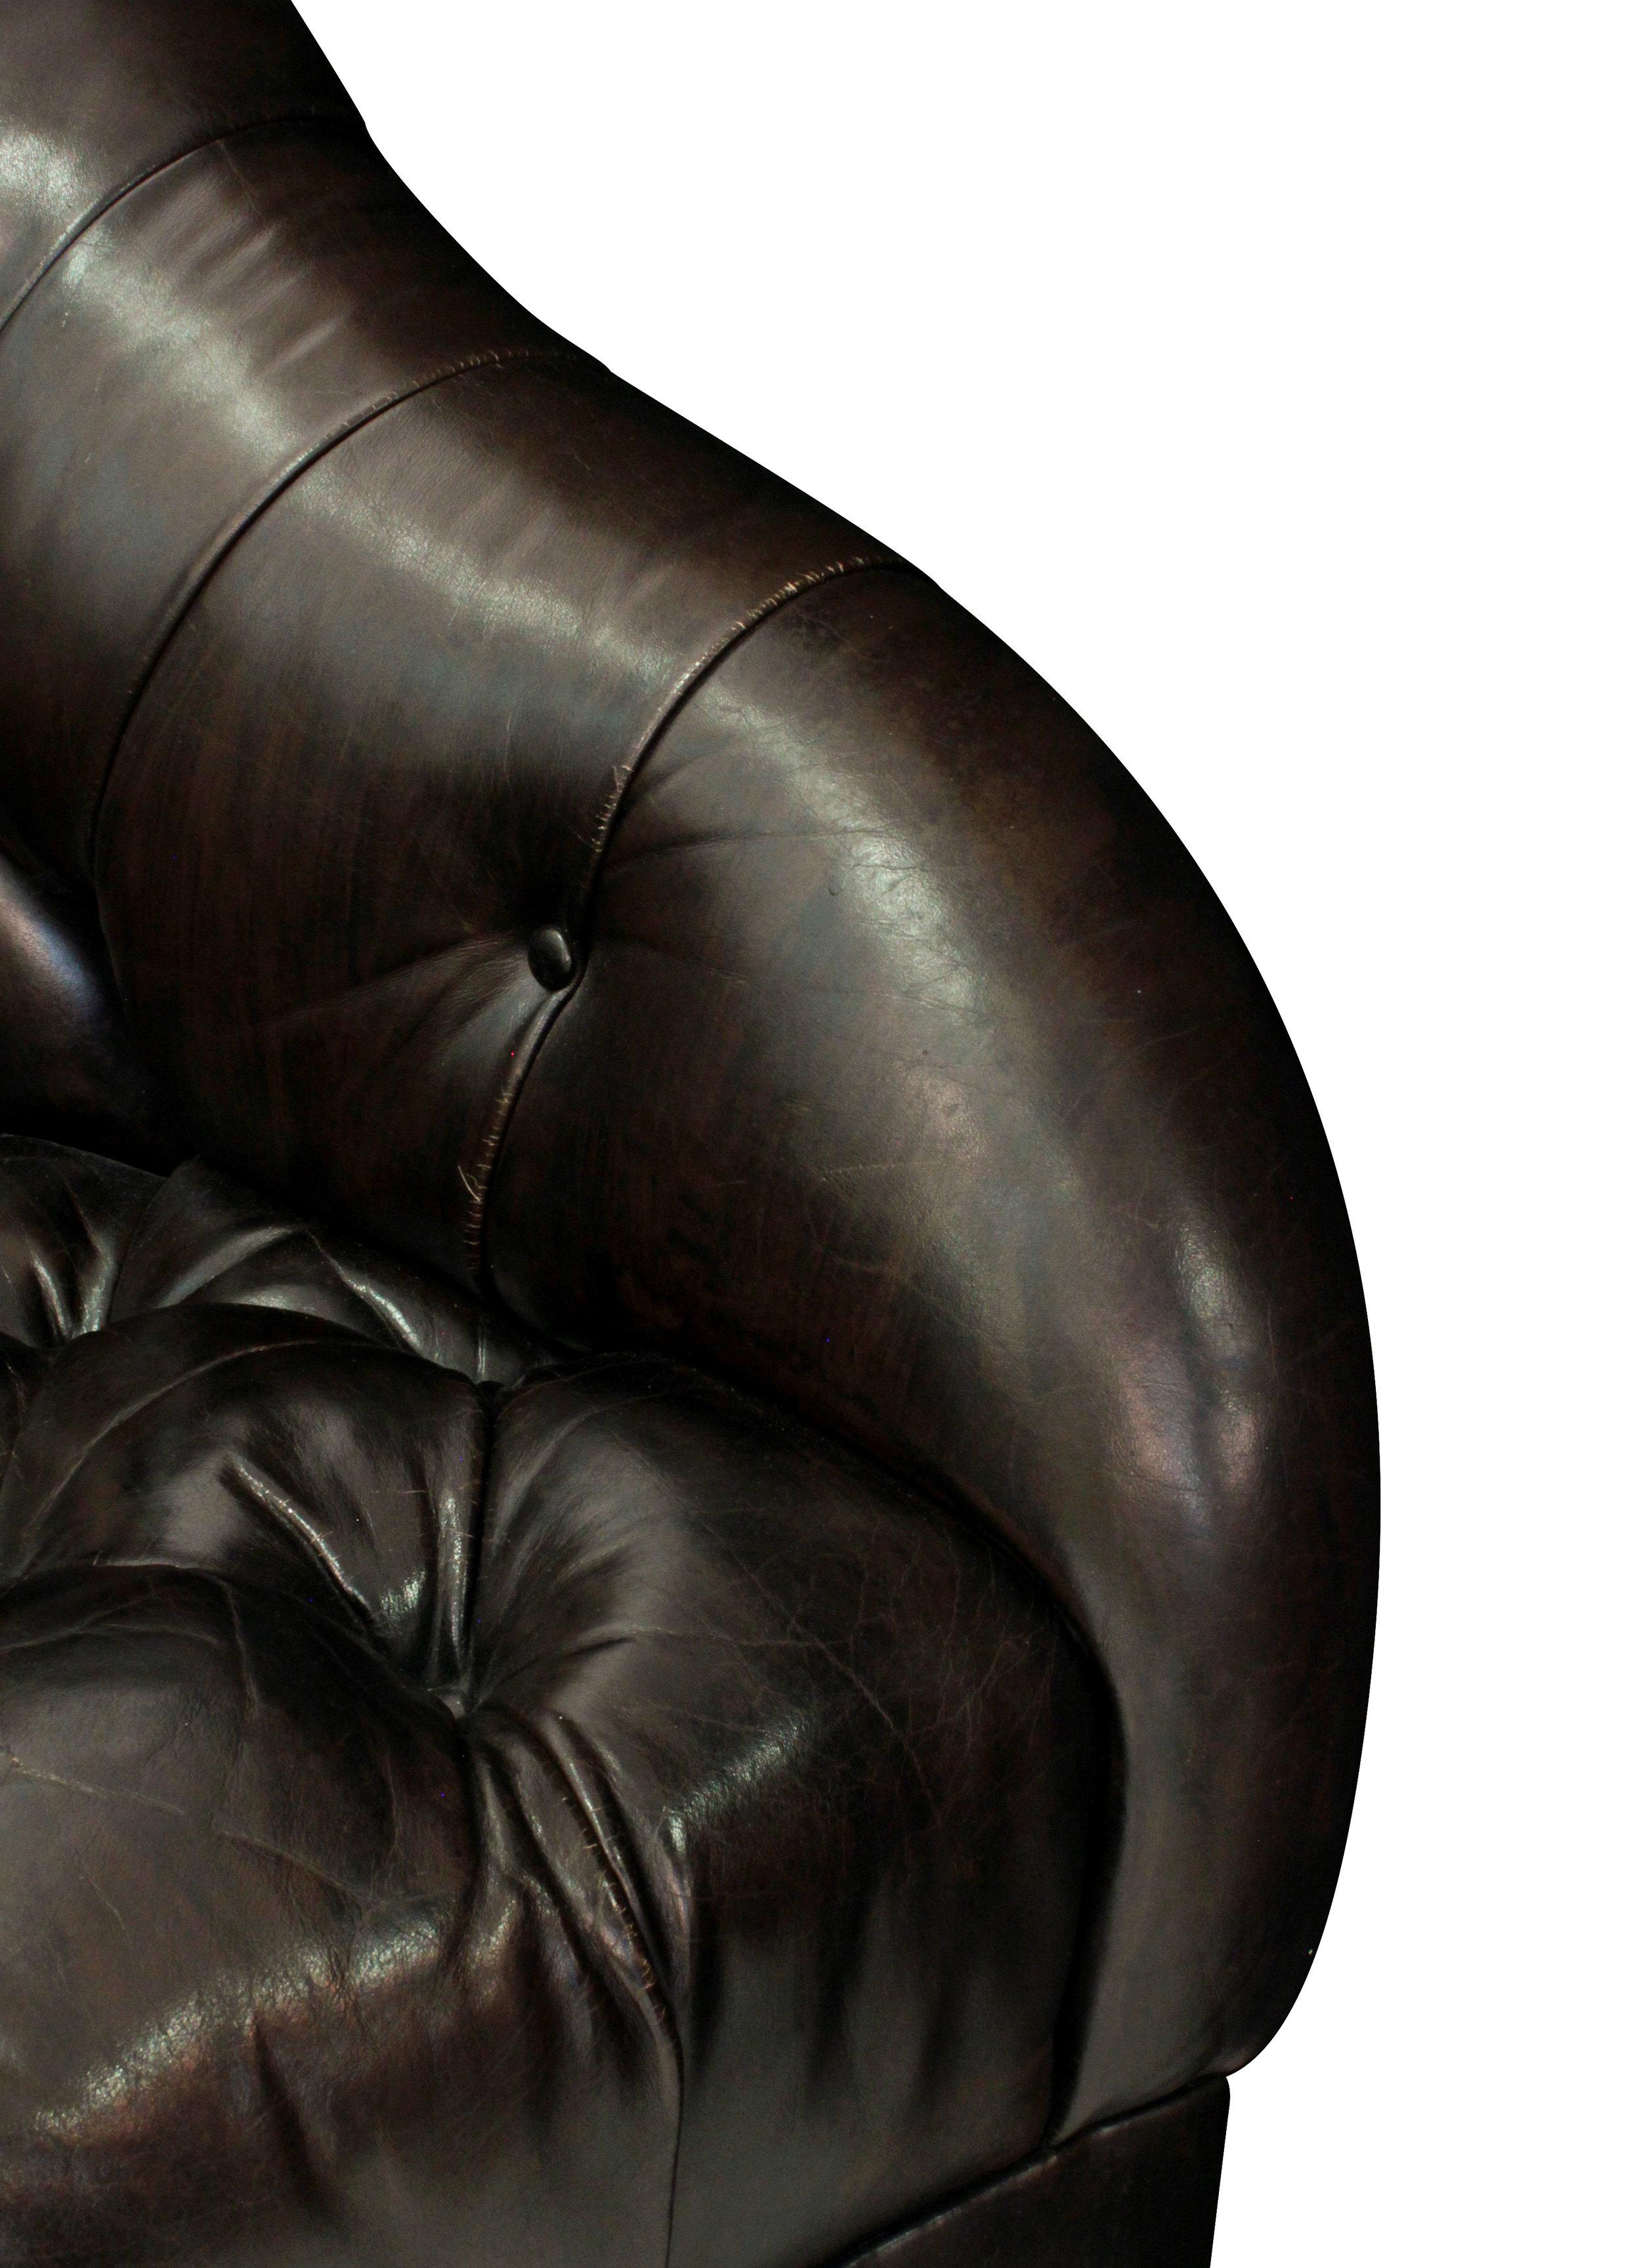 Bennett 85 tufted drk brown sofa82 detail2 hires.jpg